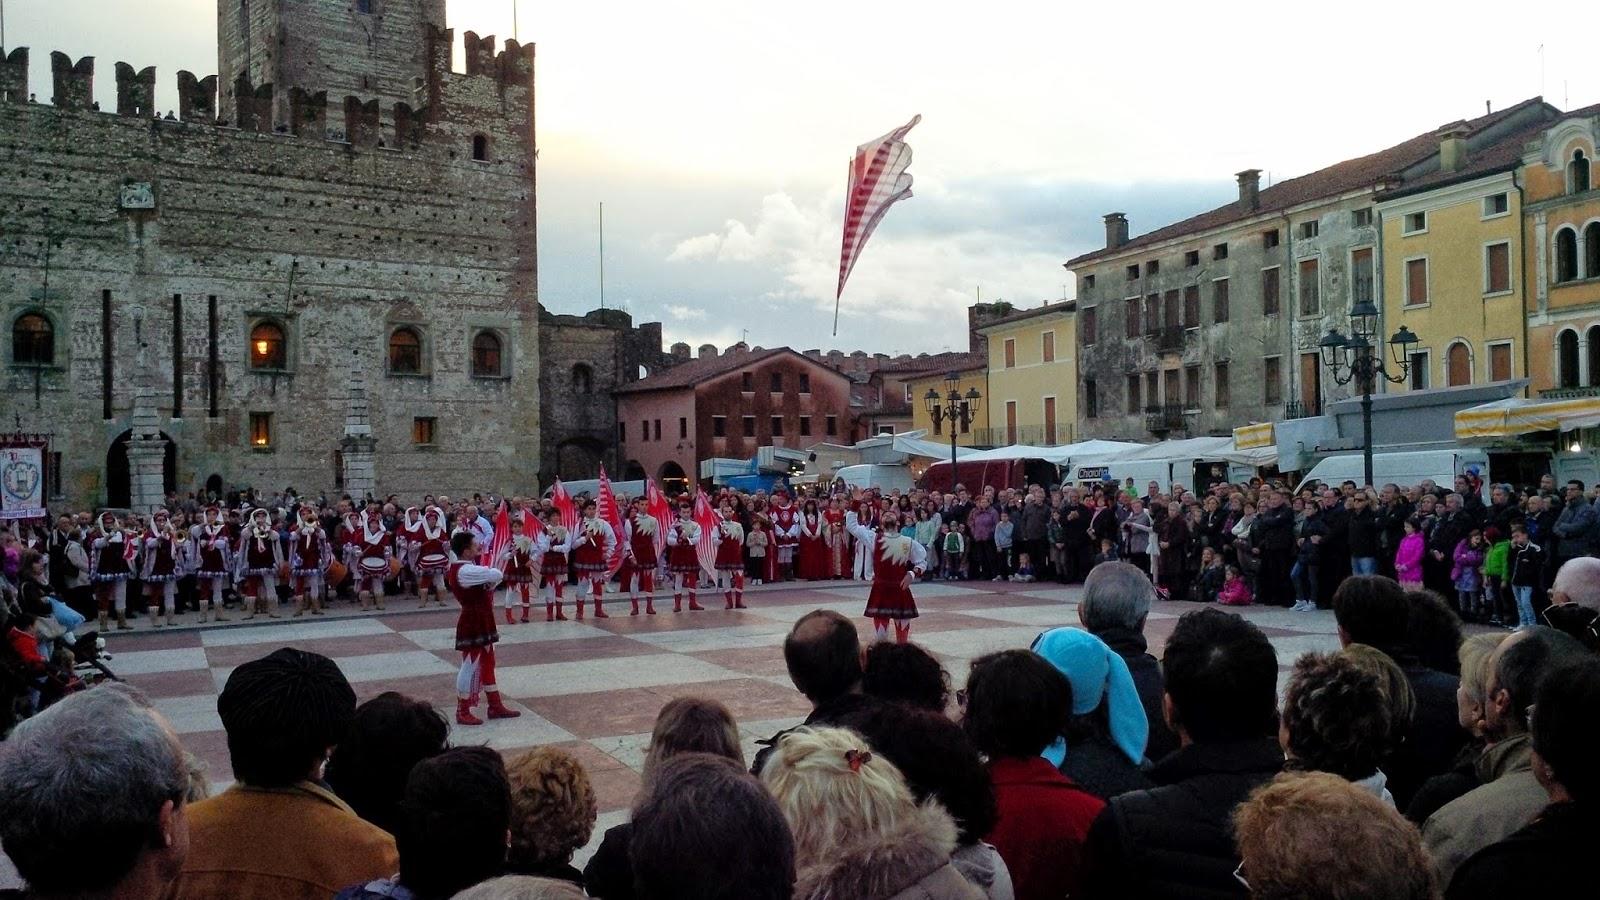 Marostica's main square, Veneto, Italy